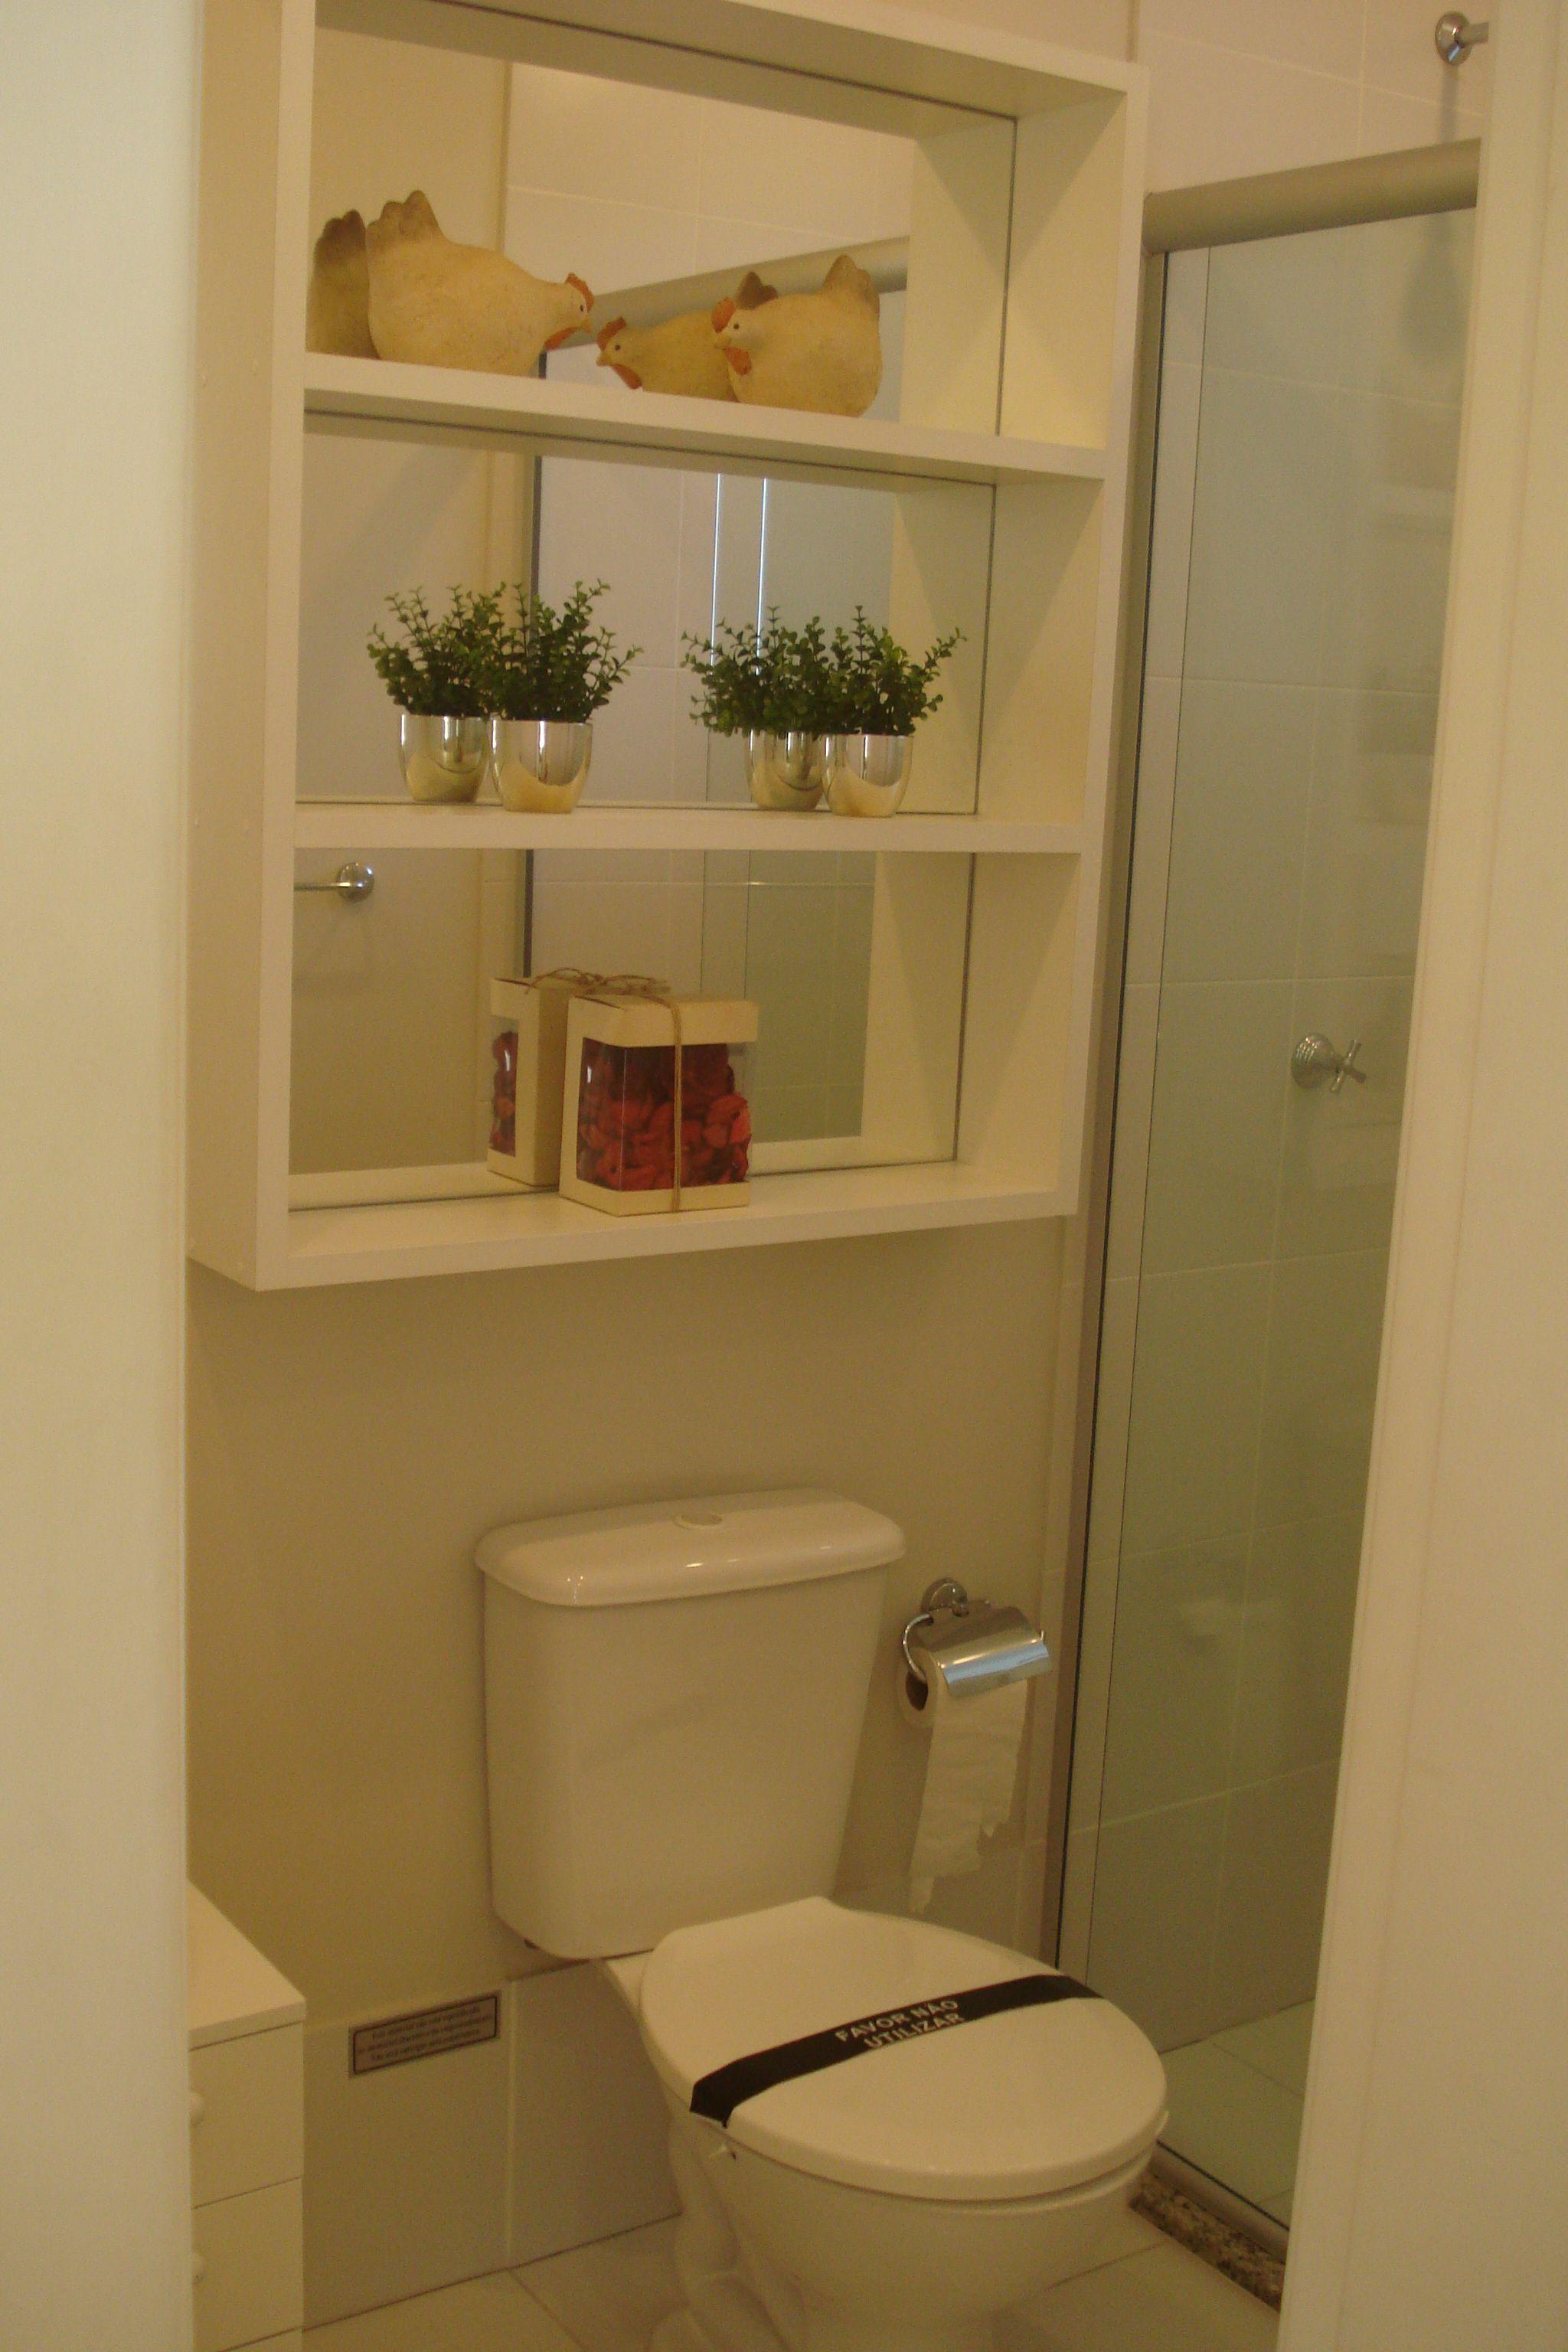 prateleiras no banheiro  Banheiros  Pinterest  Prateleiras e Banheiros -> Decoracao De Banheiro Com Prateleiras De Vidro